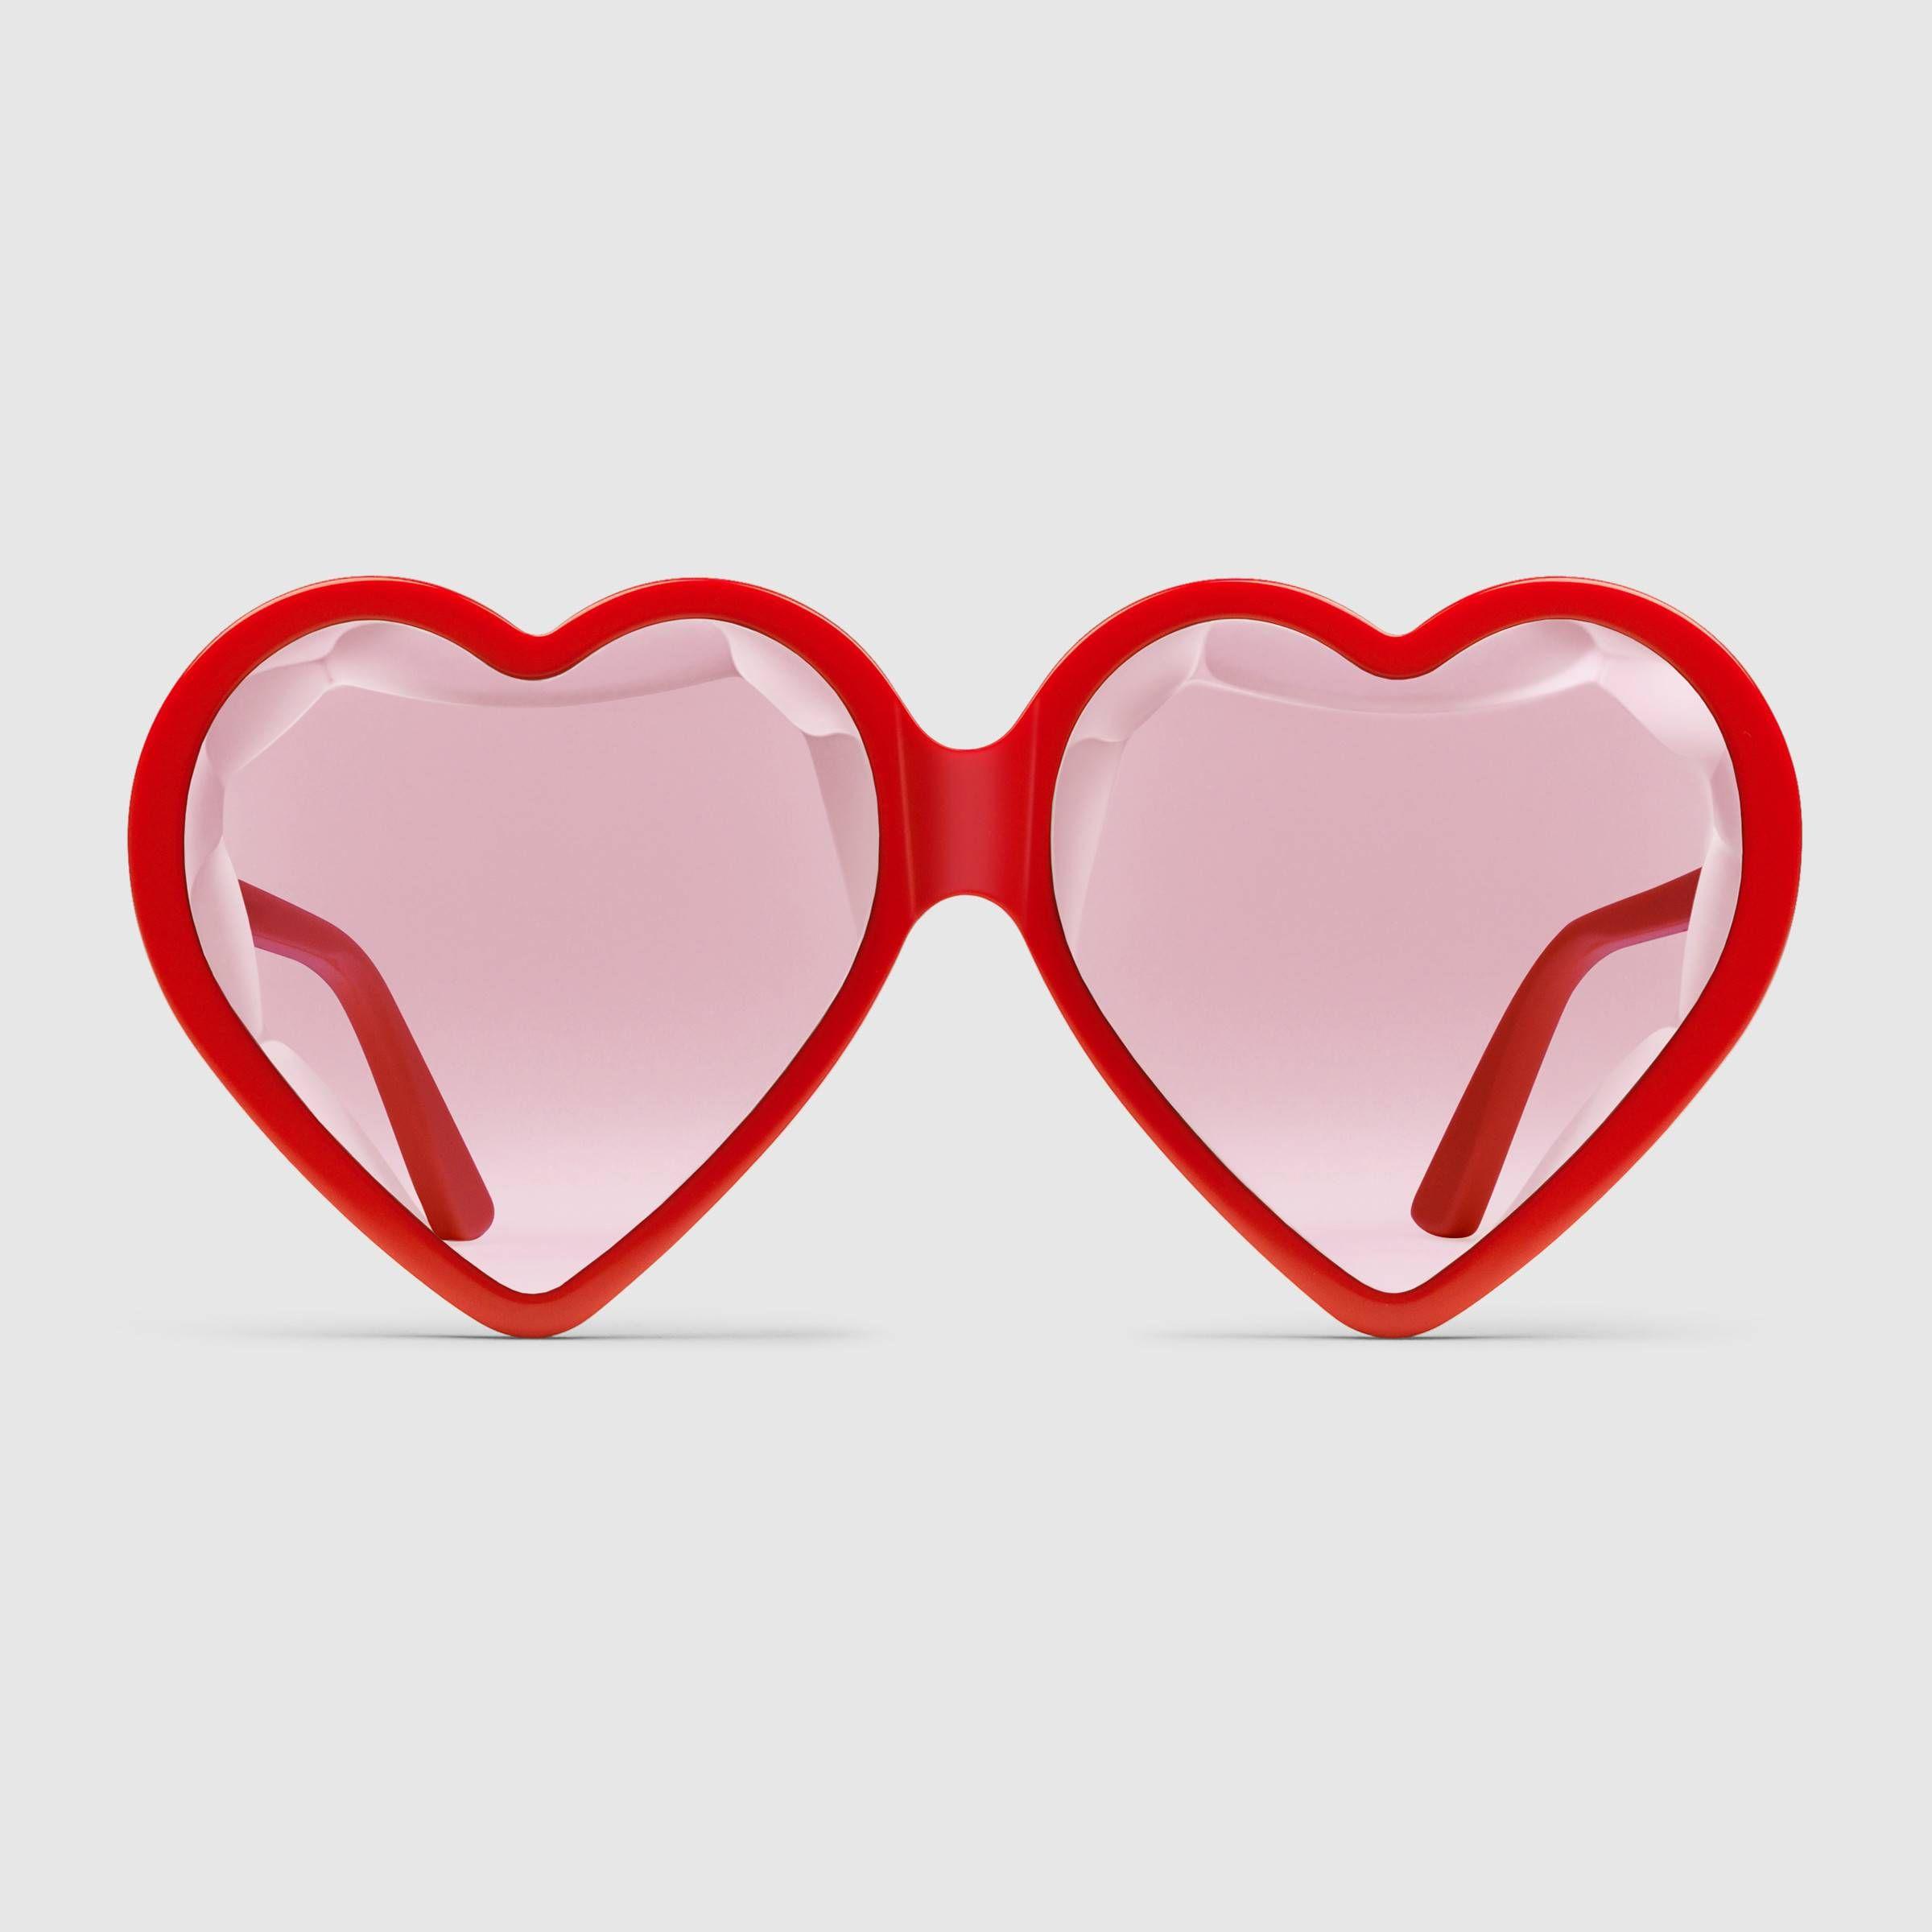 568fb8876de Gafas de sol de acetato en forma de corazón con ajuste especial - Gucci  Gafas de